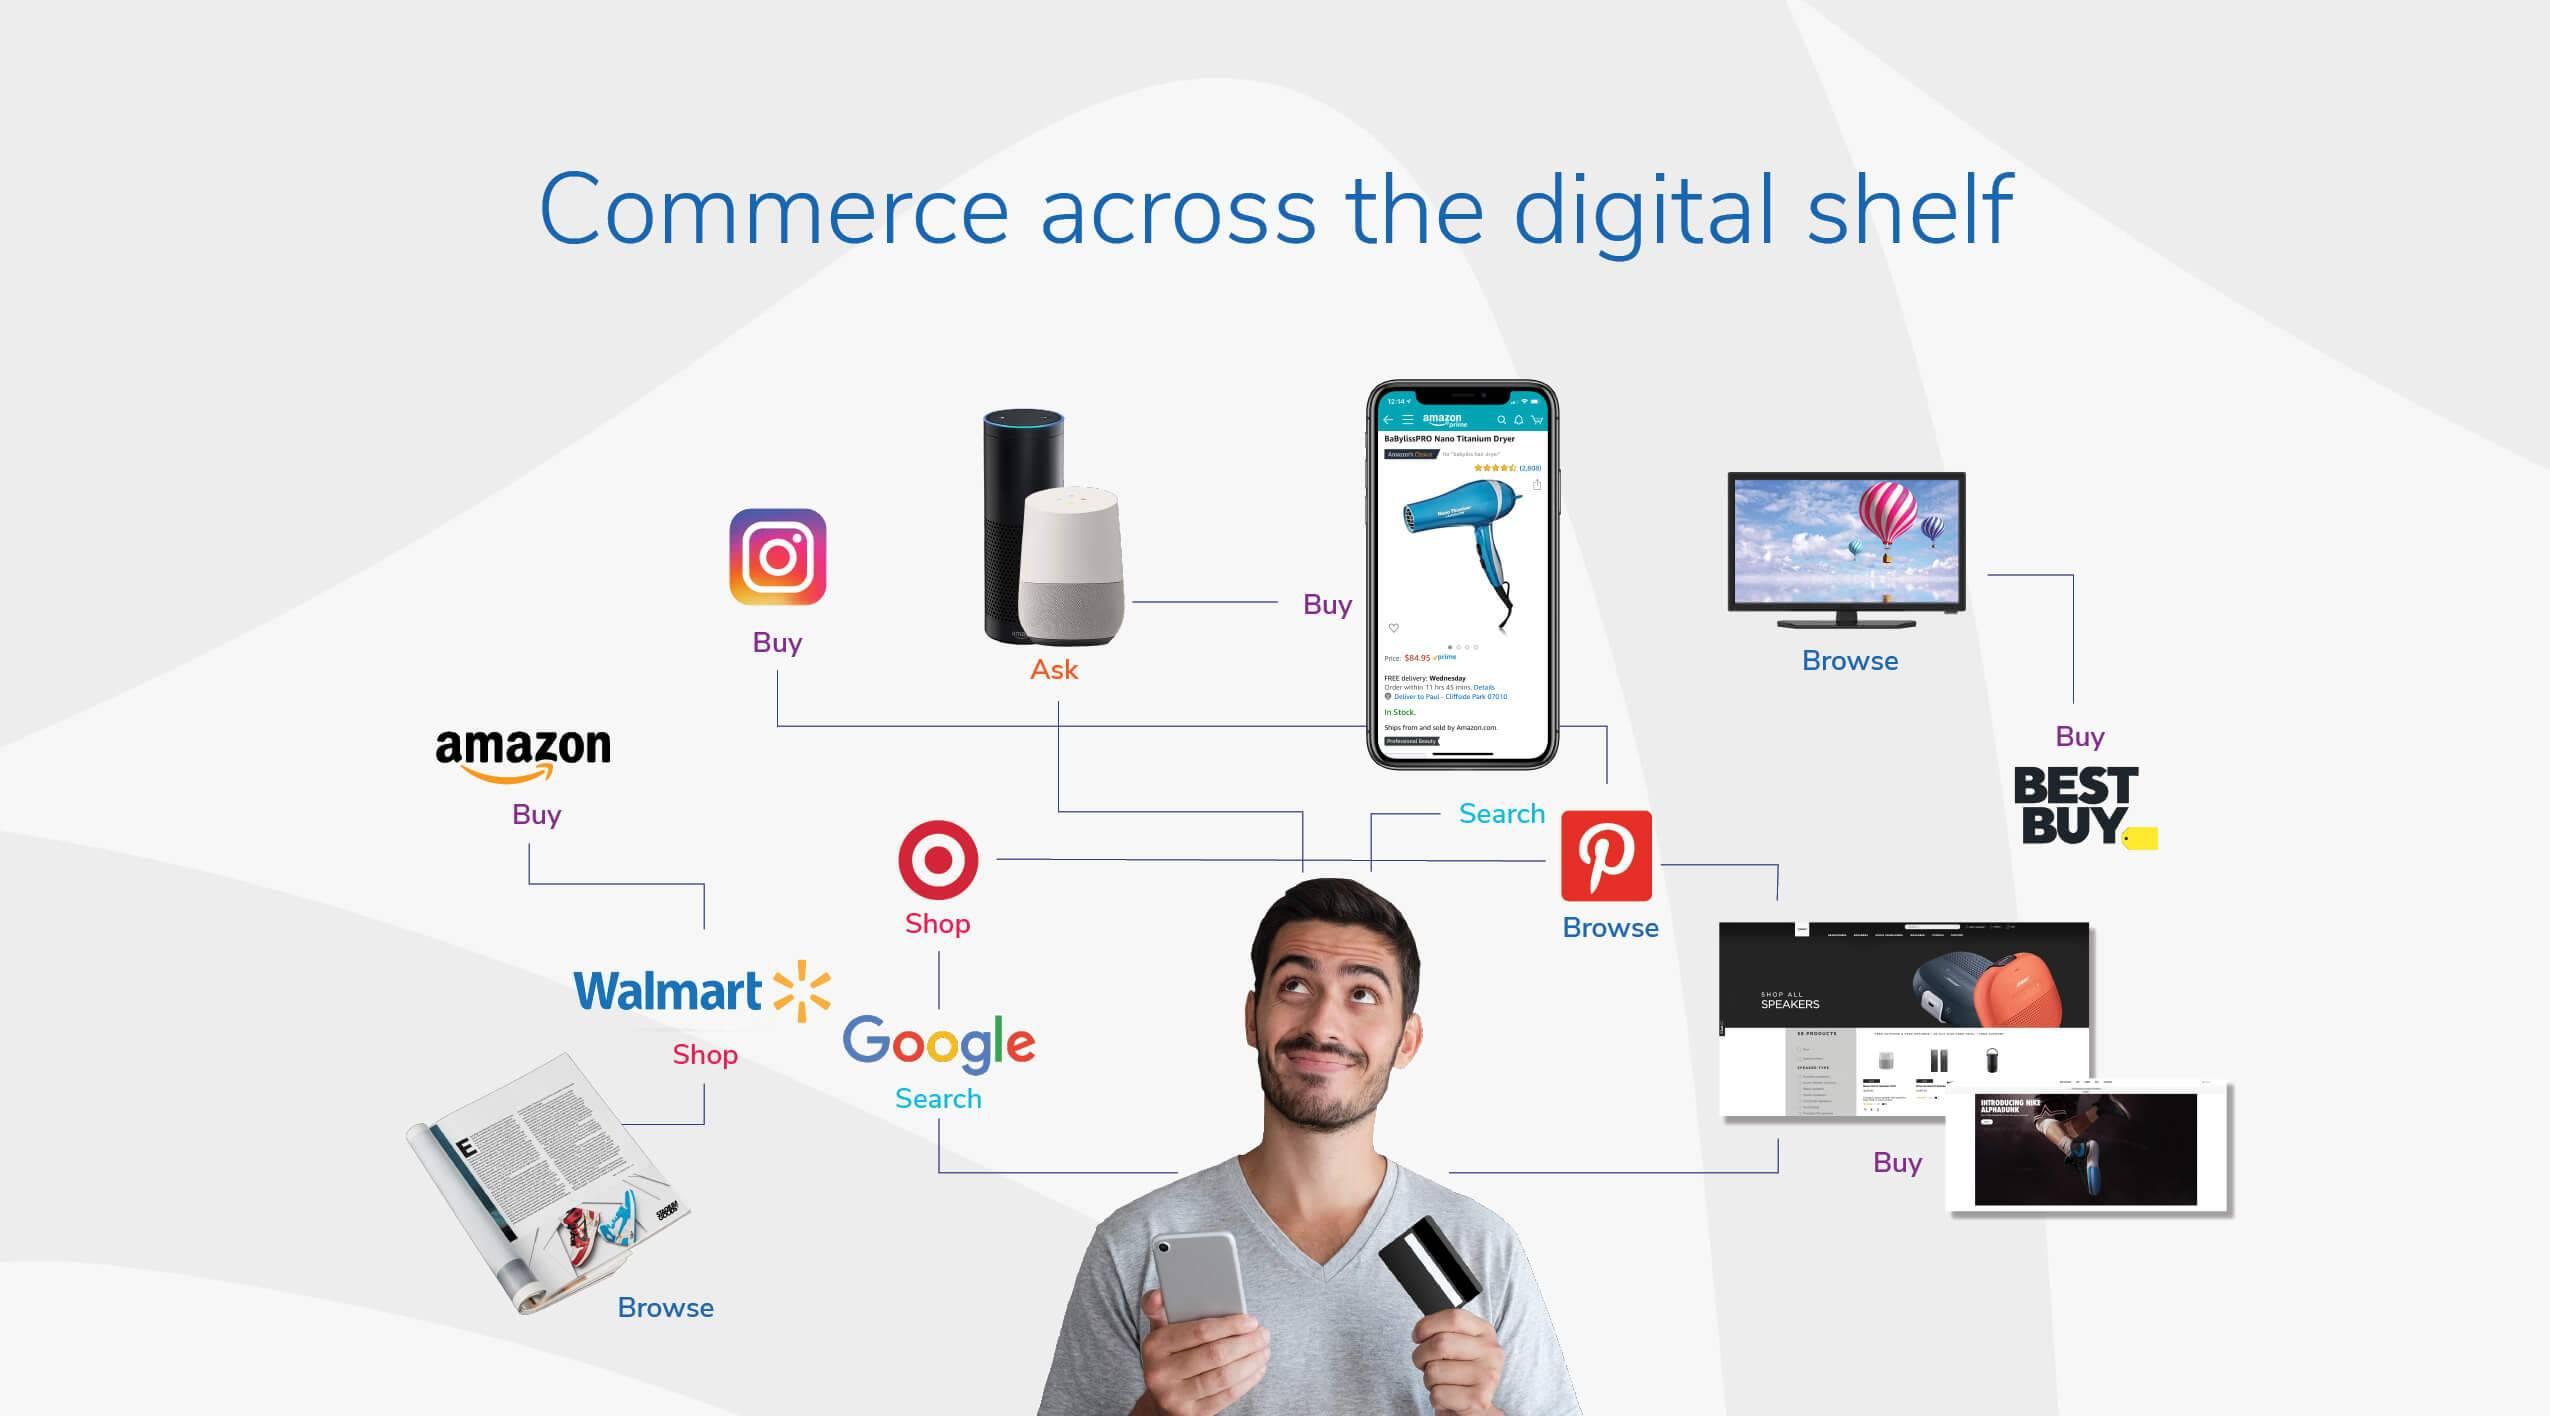 Commerce across the digital shelf